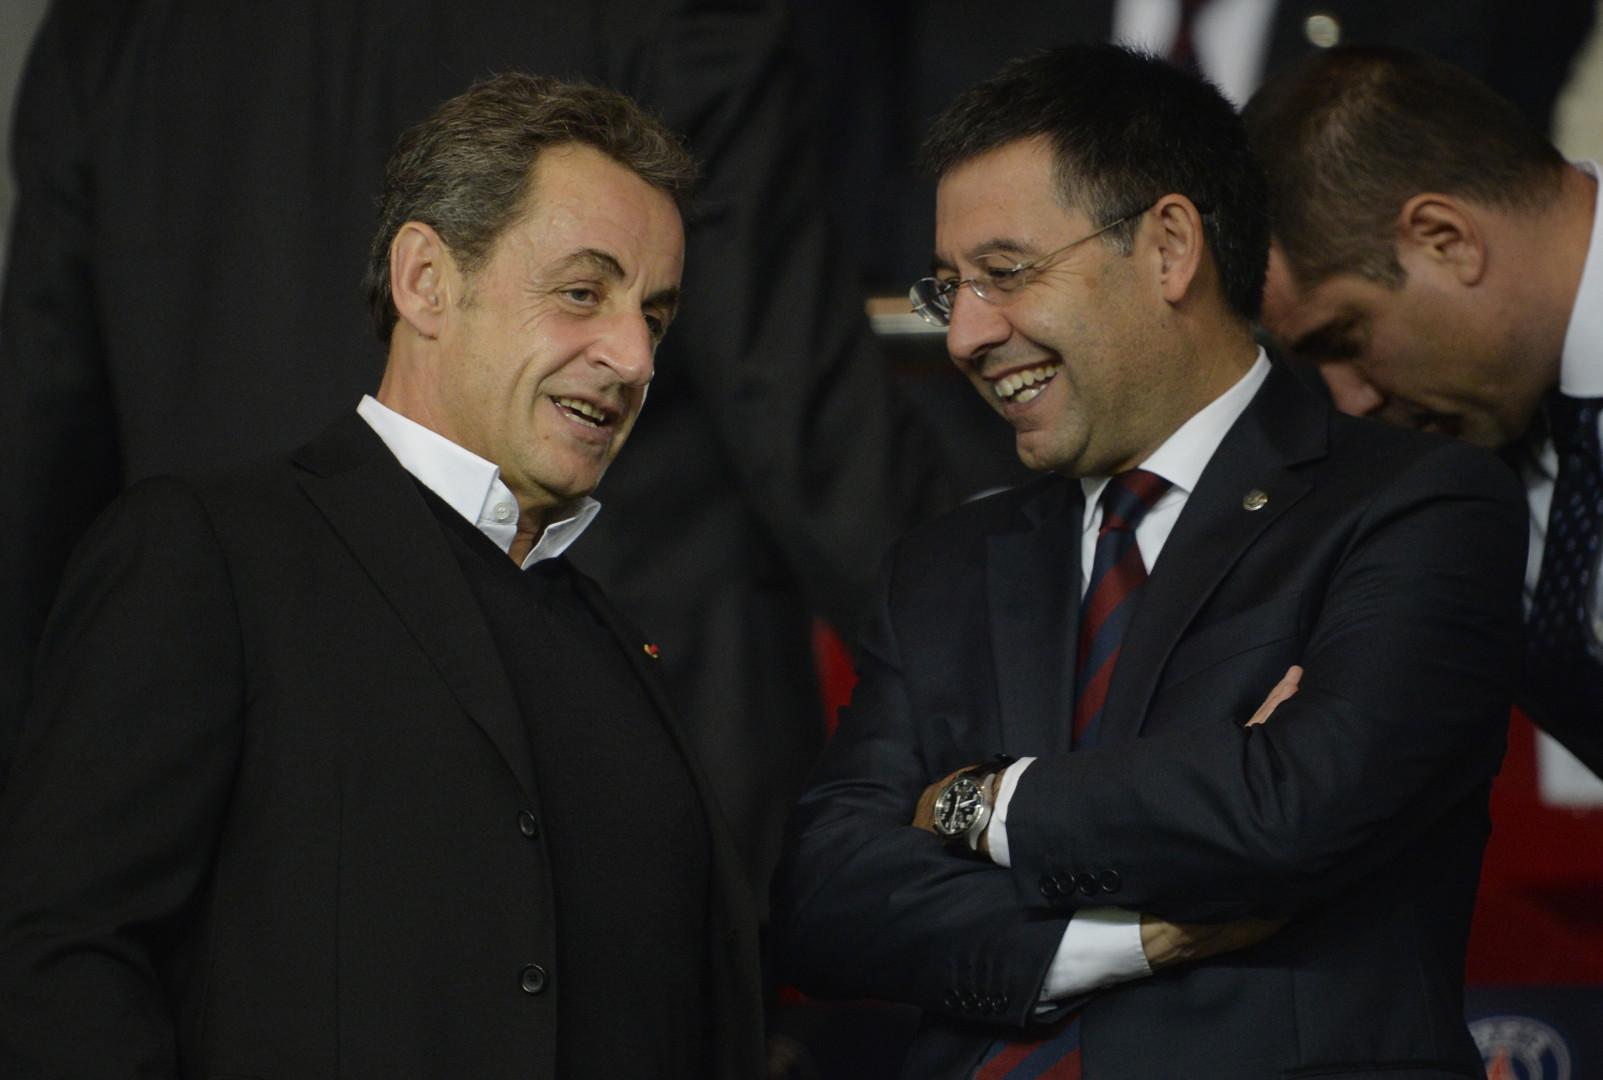 Nicolas Sarkozy ne manque pratiquement jamais un match du PSG. Ici, il discute avec le président du FC Barcelone, Josep Maria Bartomeu